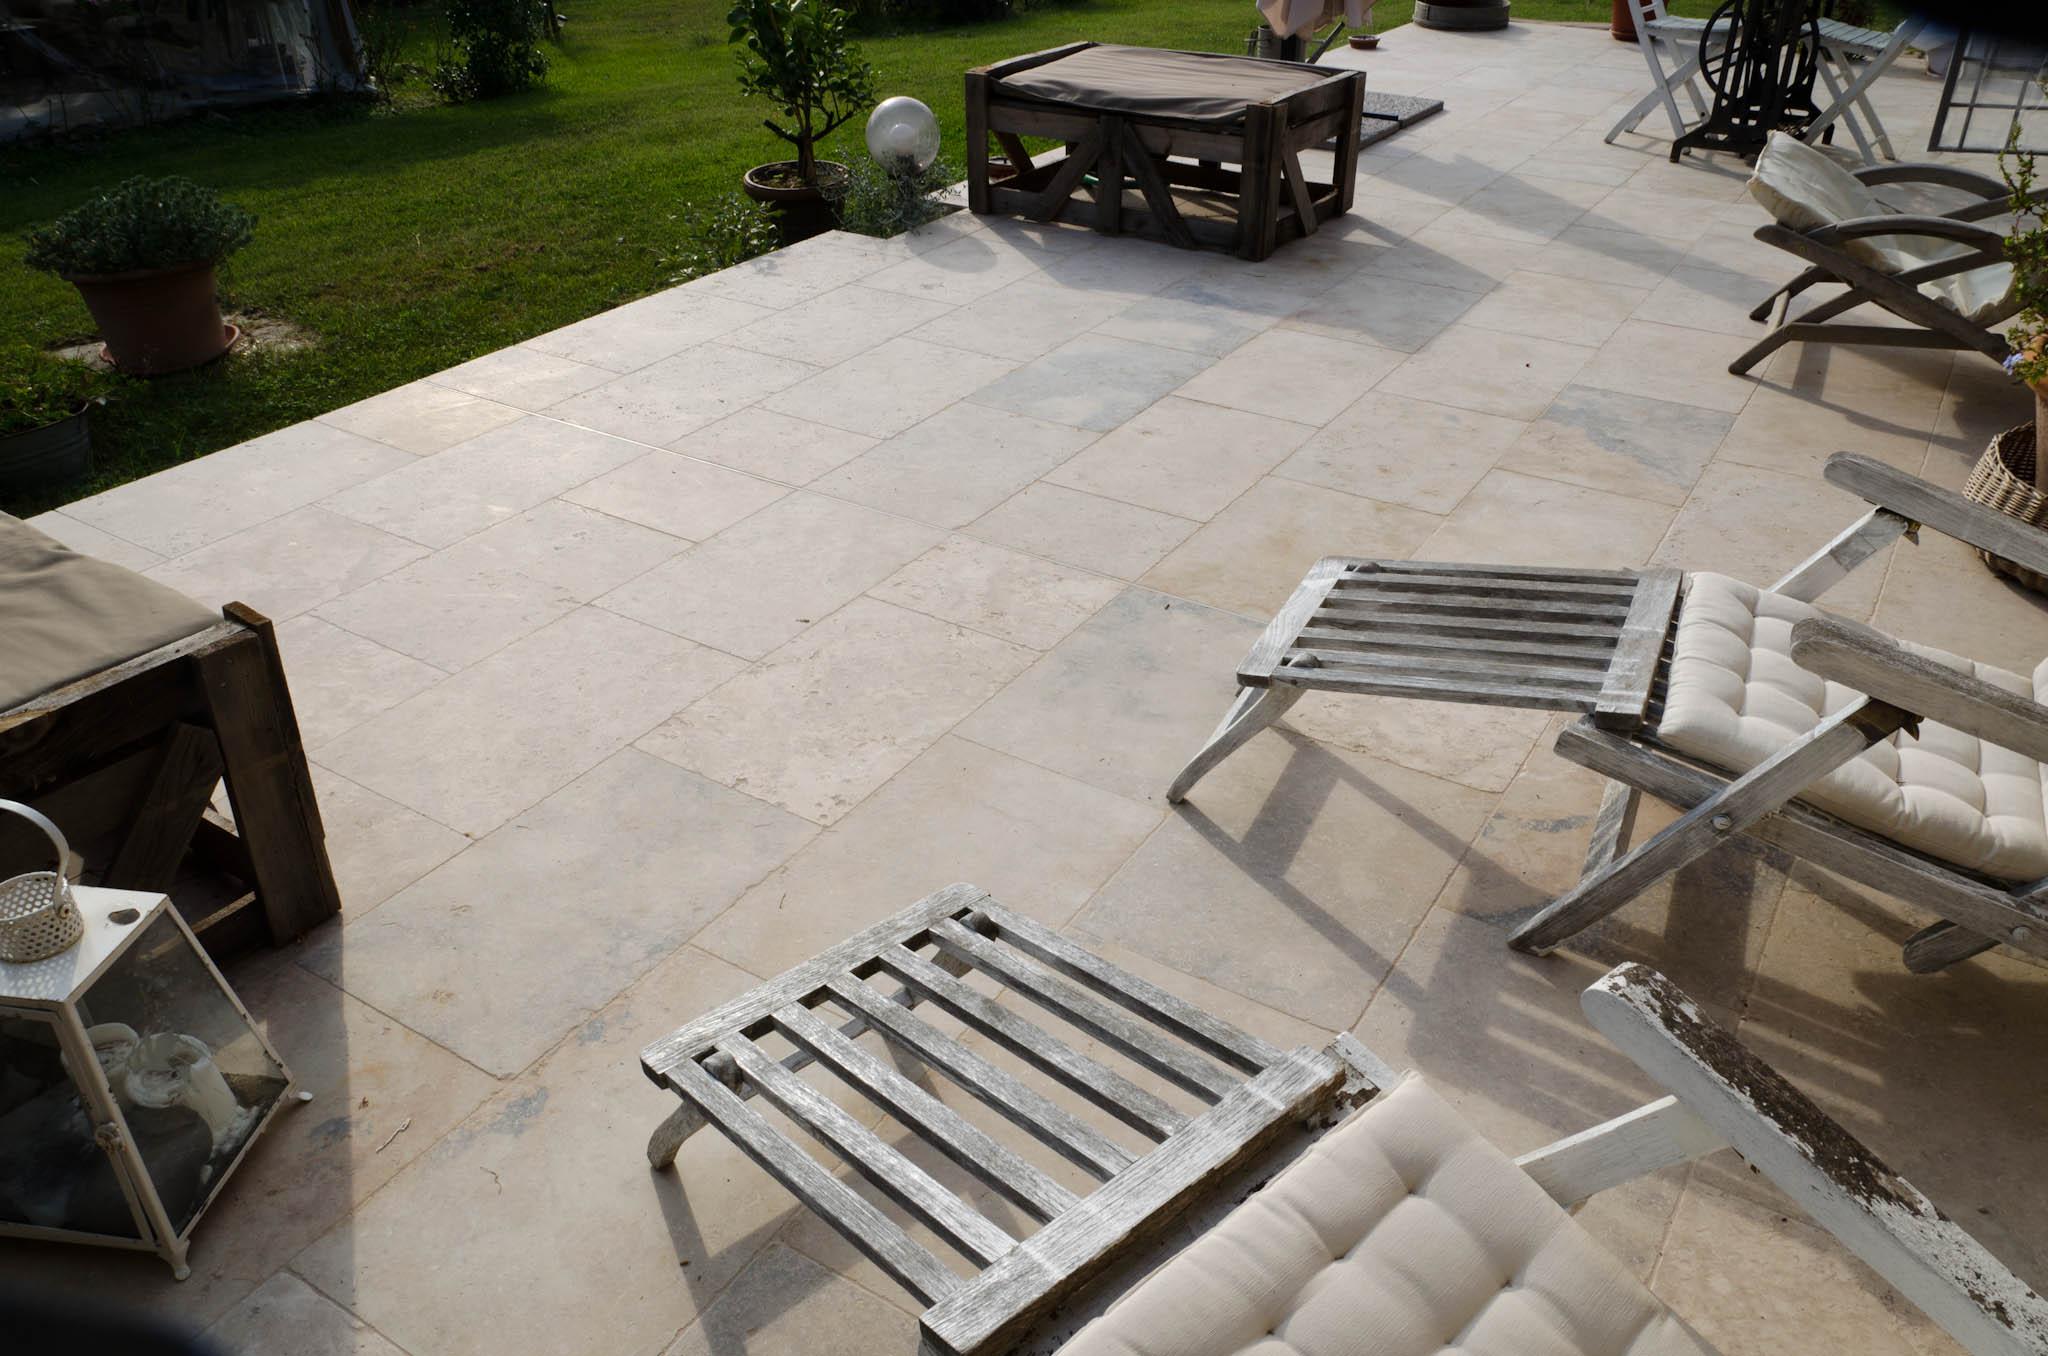 Pietre da pavimento esterno interesting pietre da pavimento esterno with pietre da pavimento - Pietre da esterno pavimenti ...